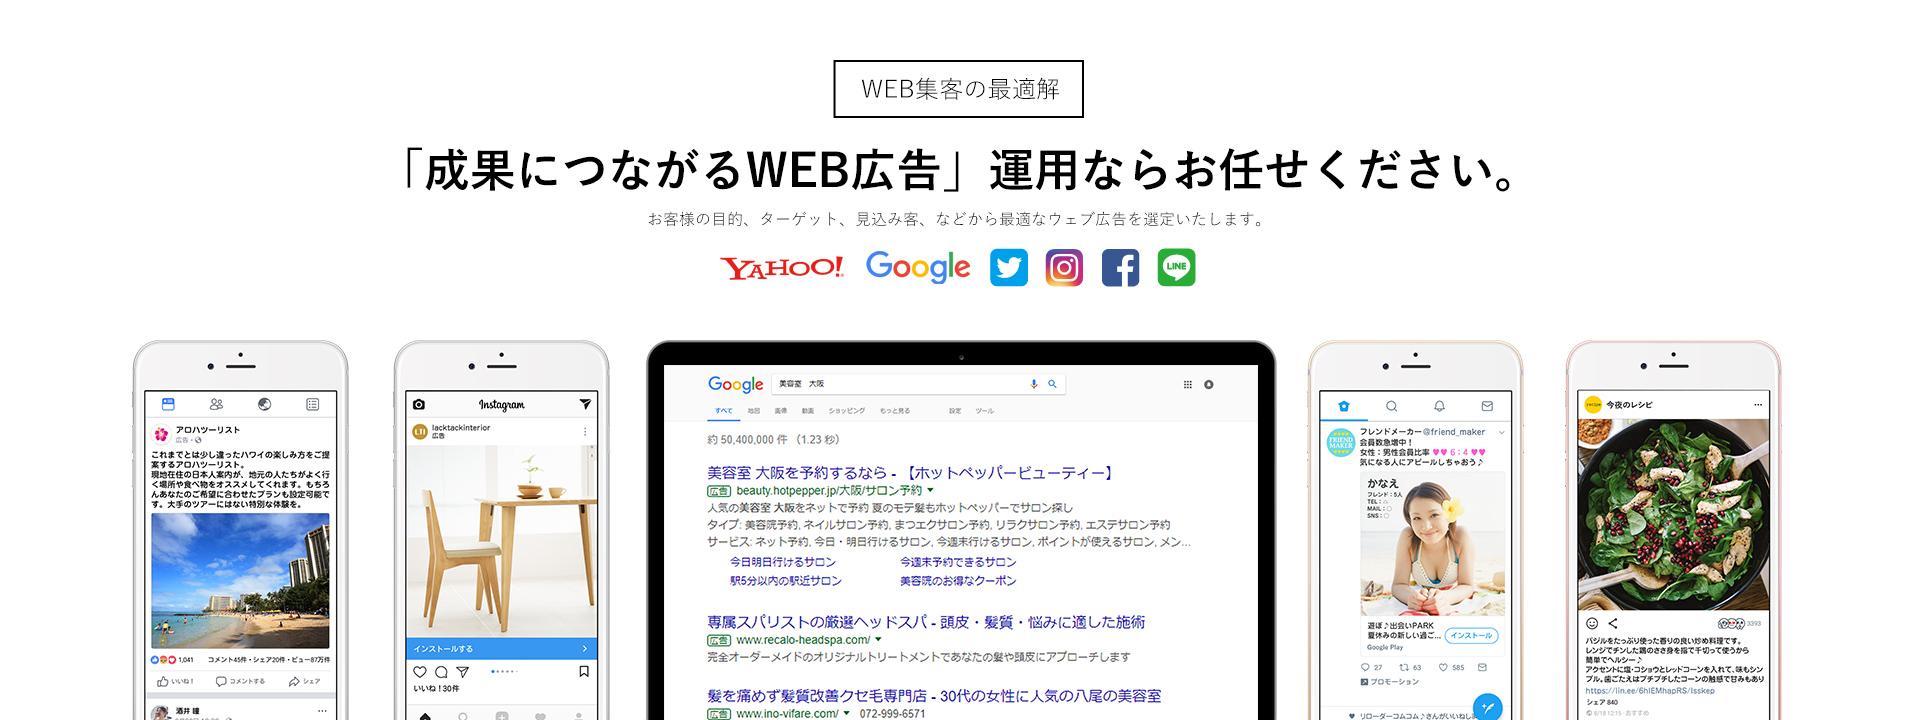 WEB広告の運用をお願いしたい